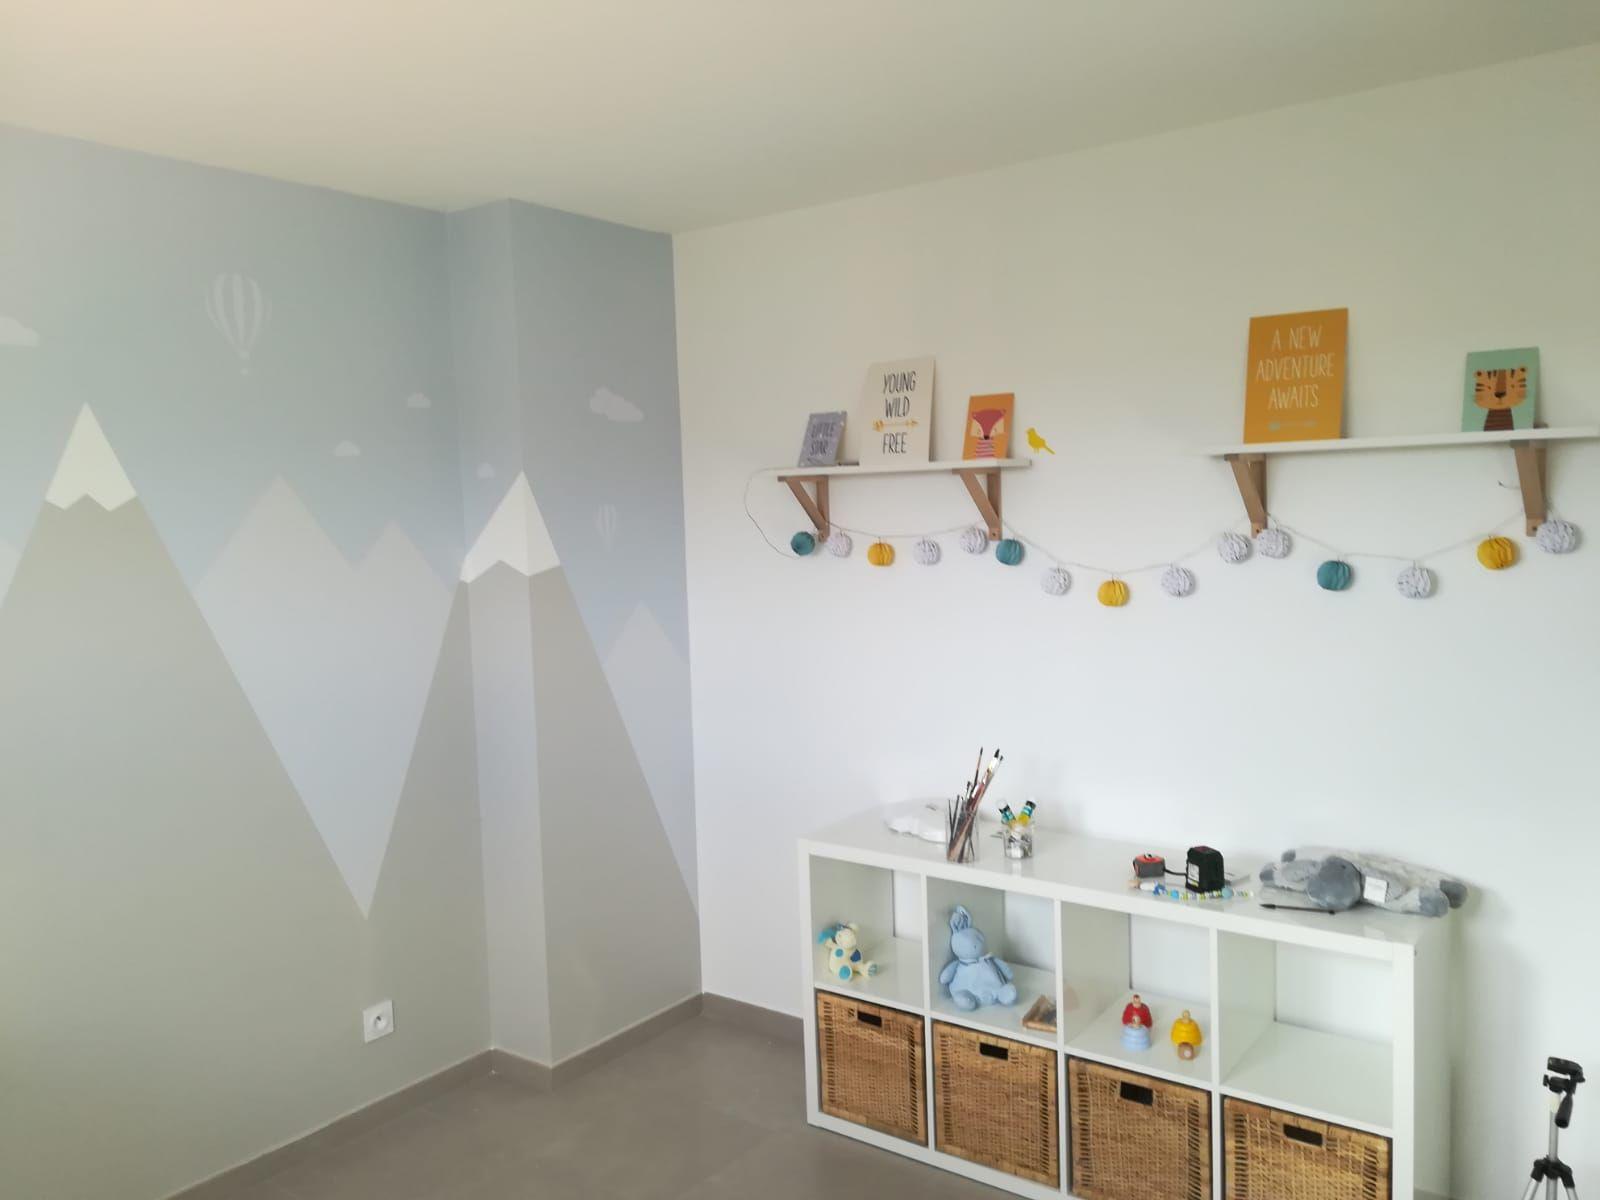 Peinture Tollens . Montagne Décoration IKEA, vertbaudet | Decoration ikea, Ikea, Peinture tollens